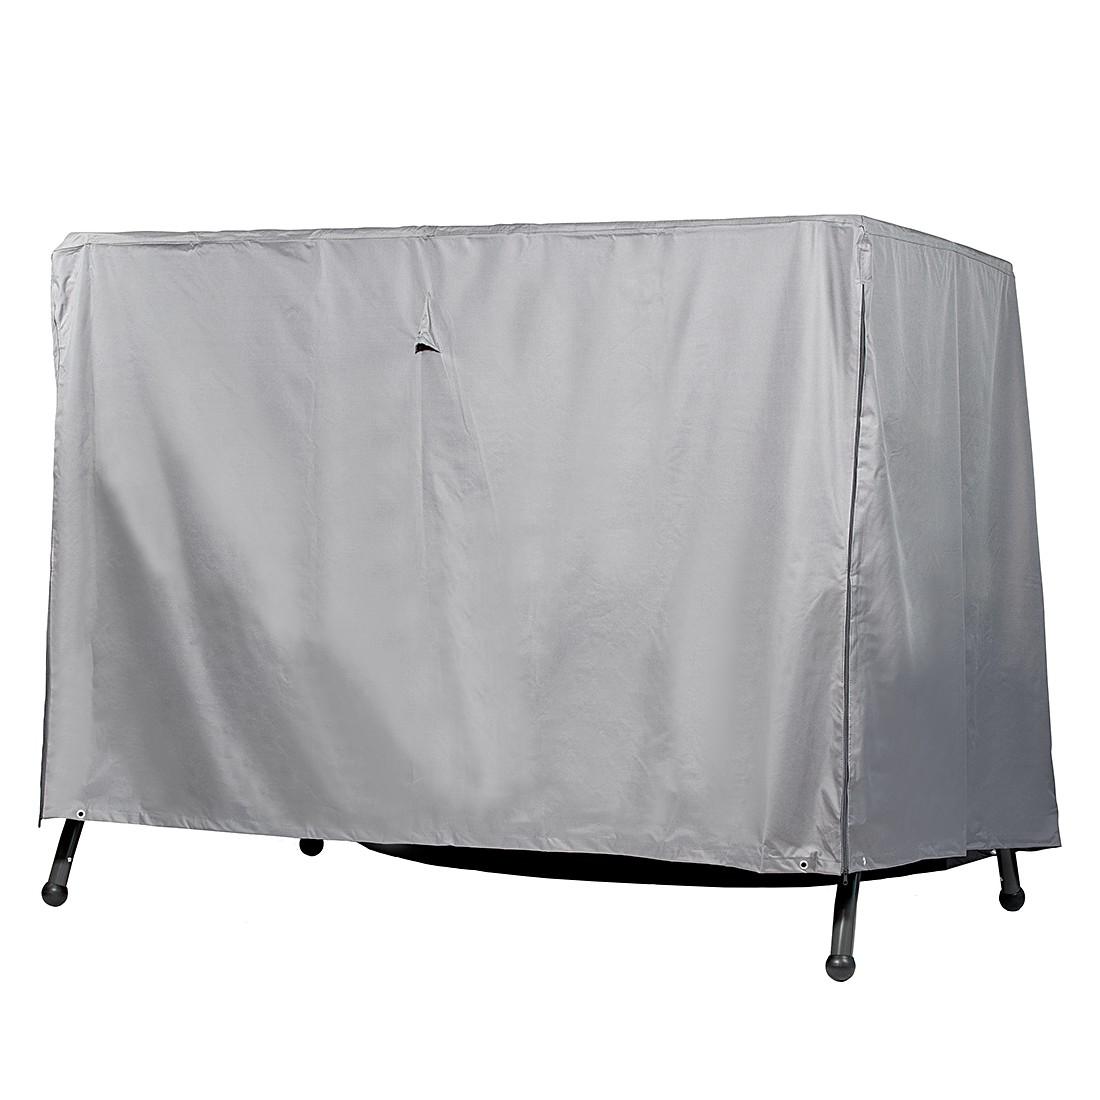 Schutzhülle Premium für Gartenschaukel (3-Sitzer) - Polyester, mehr Garten